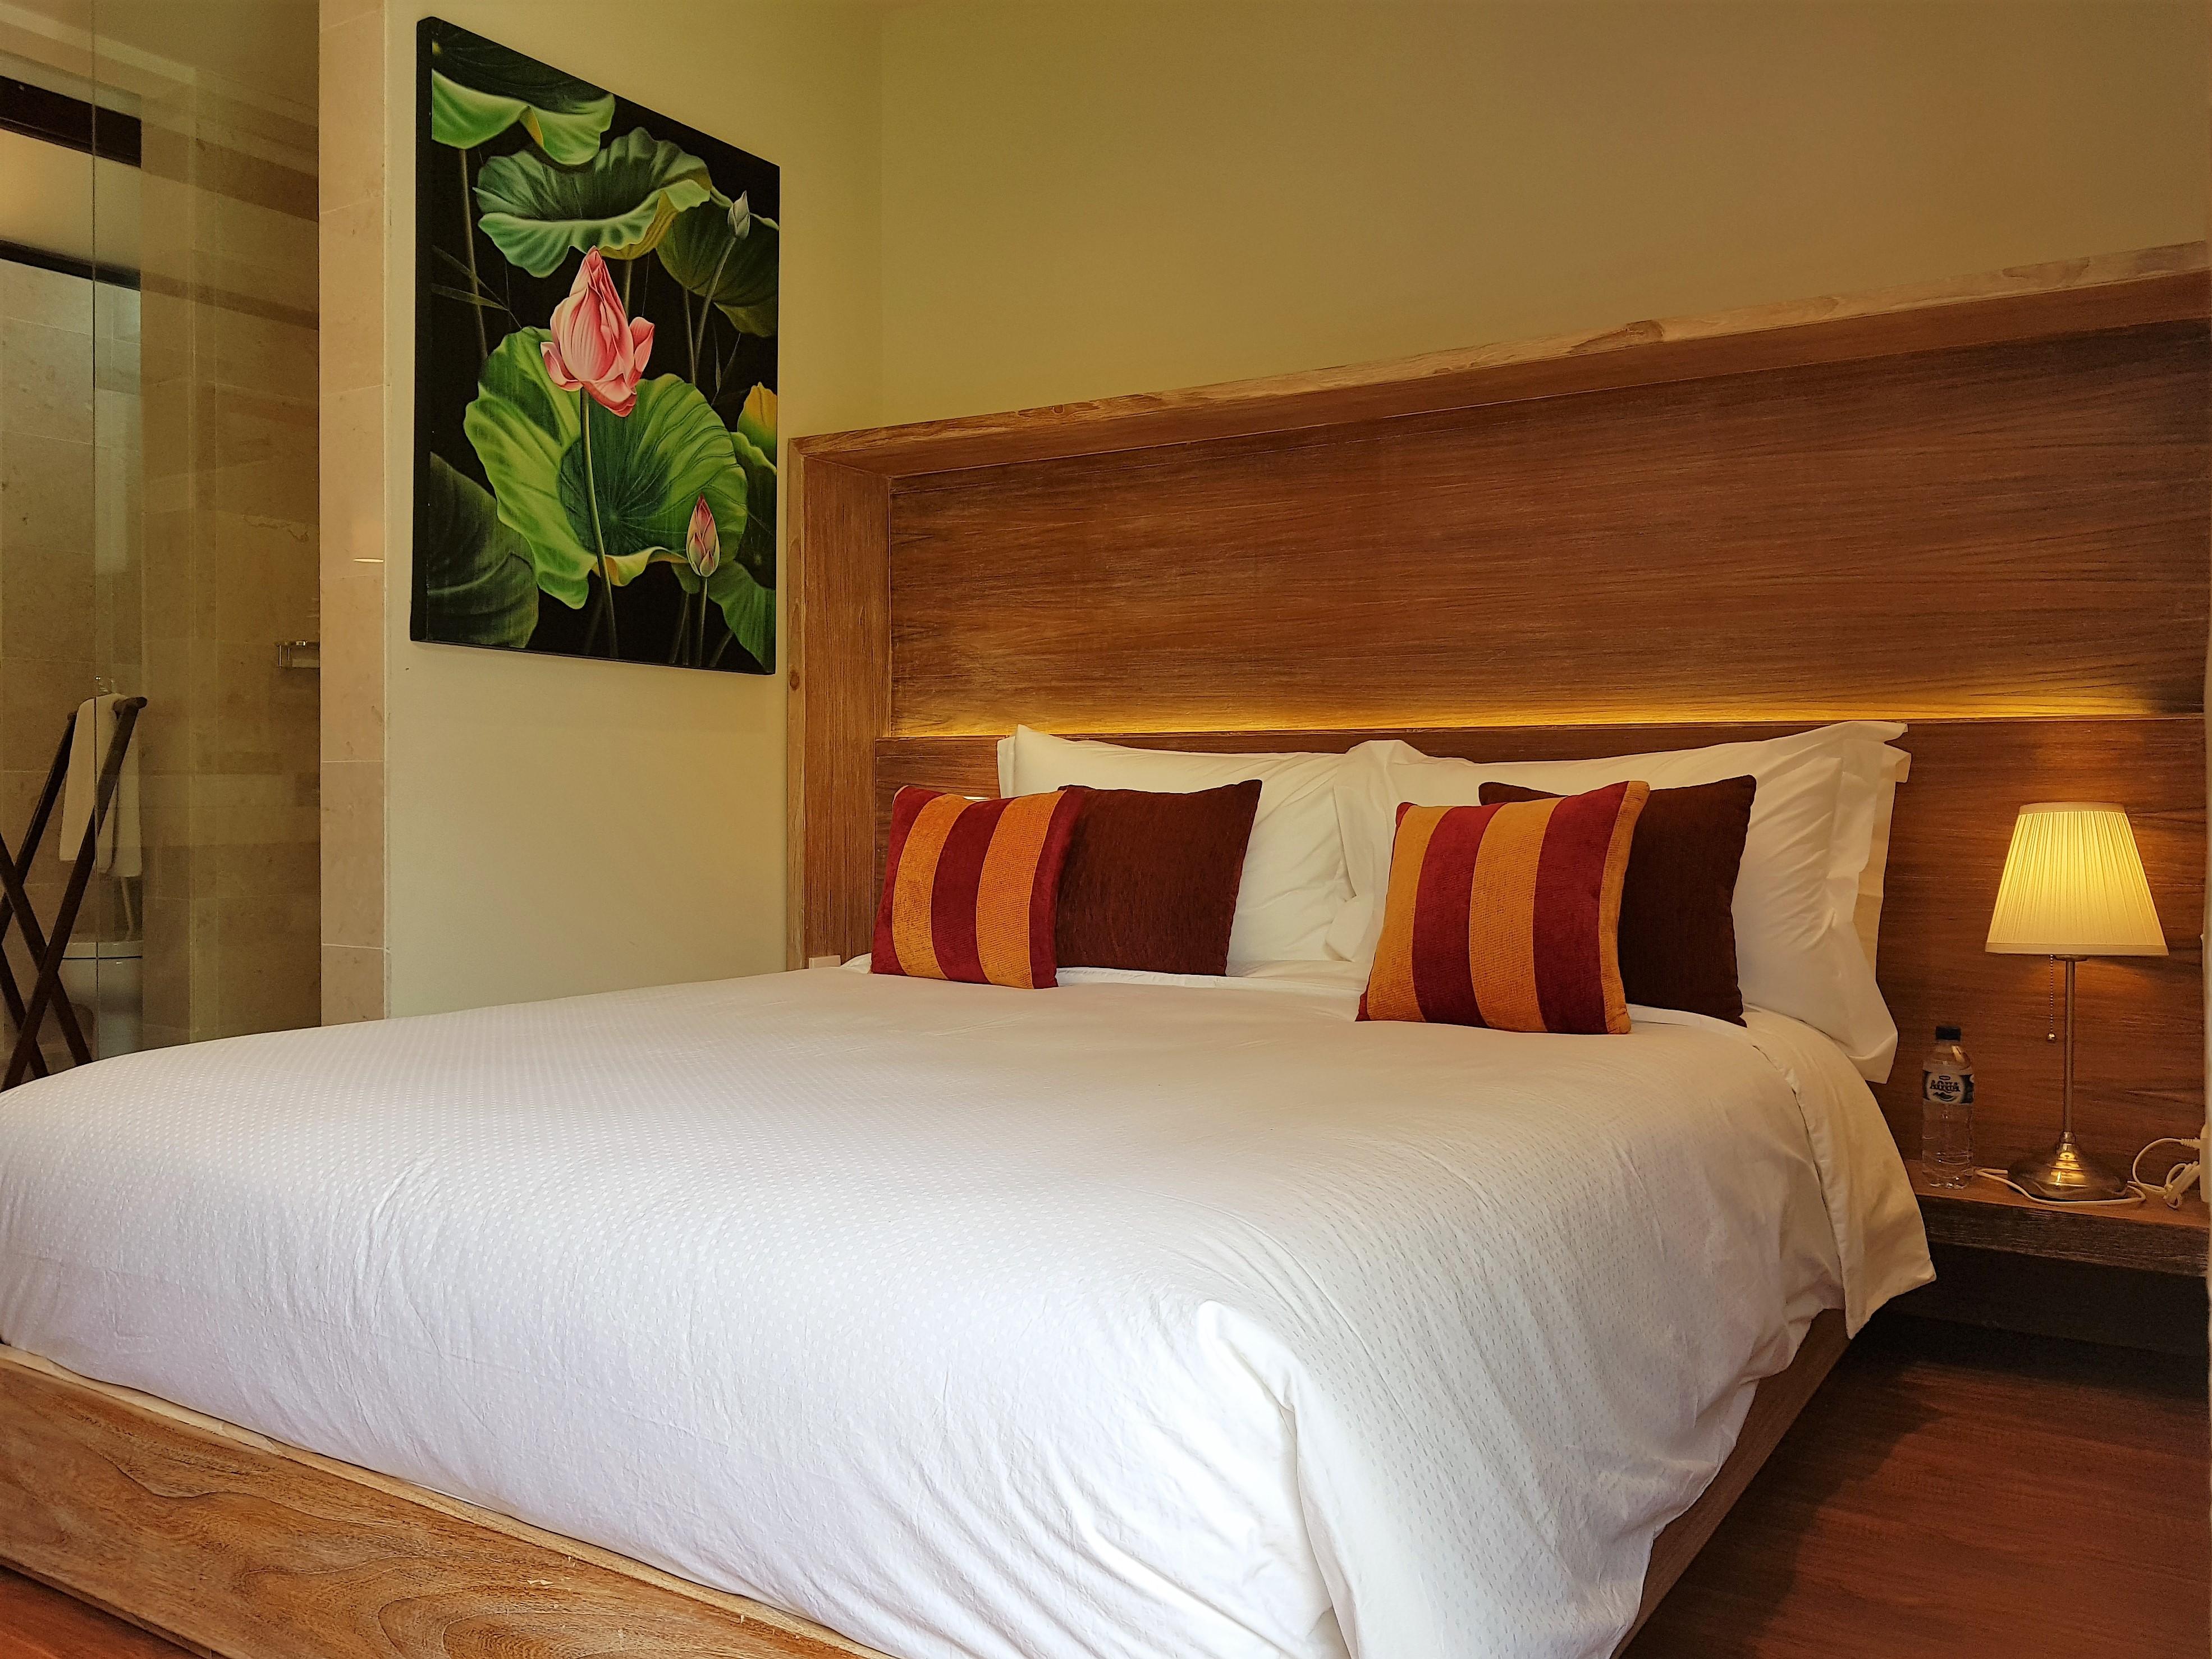 Bed-Studio room